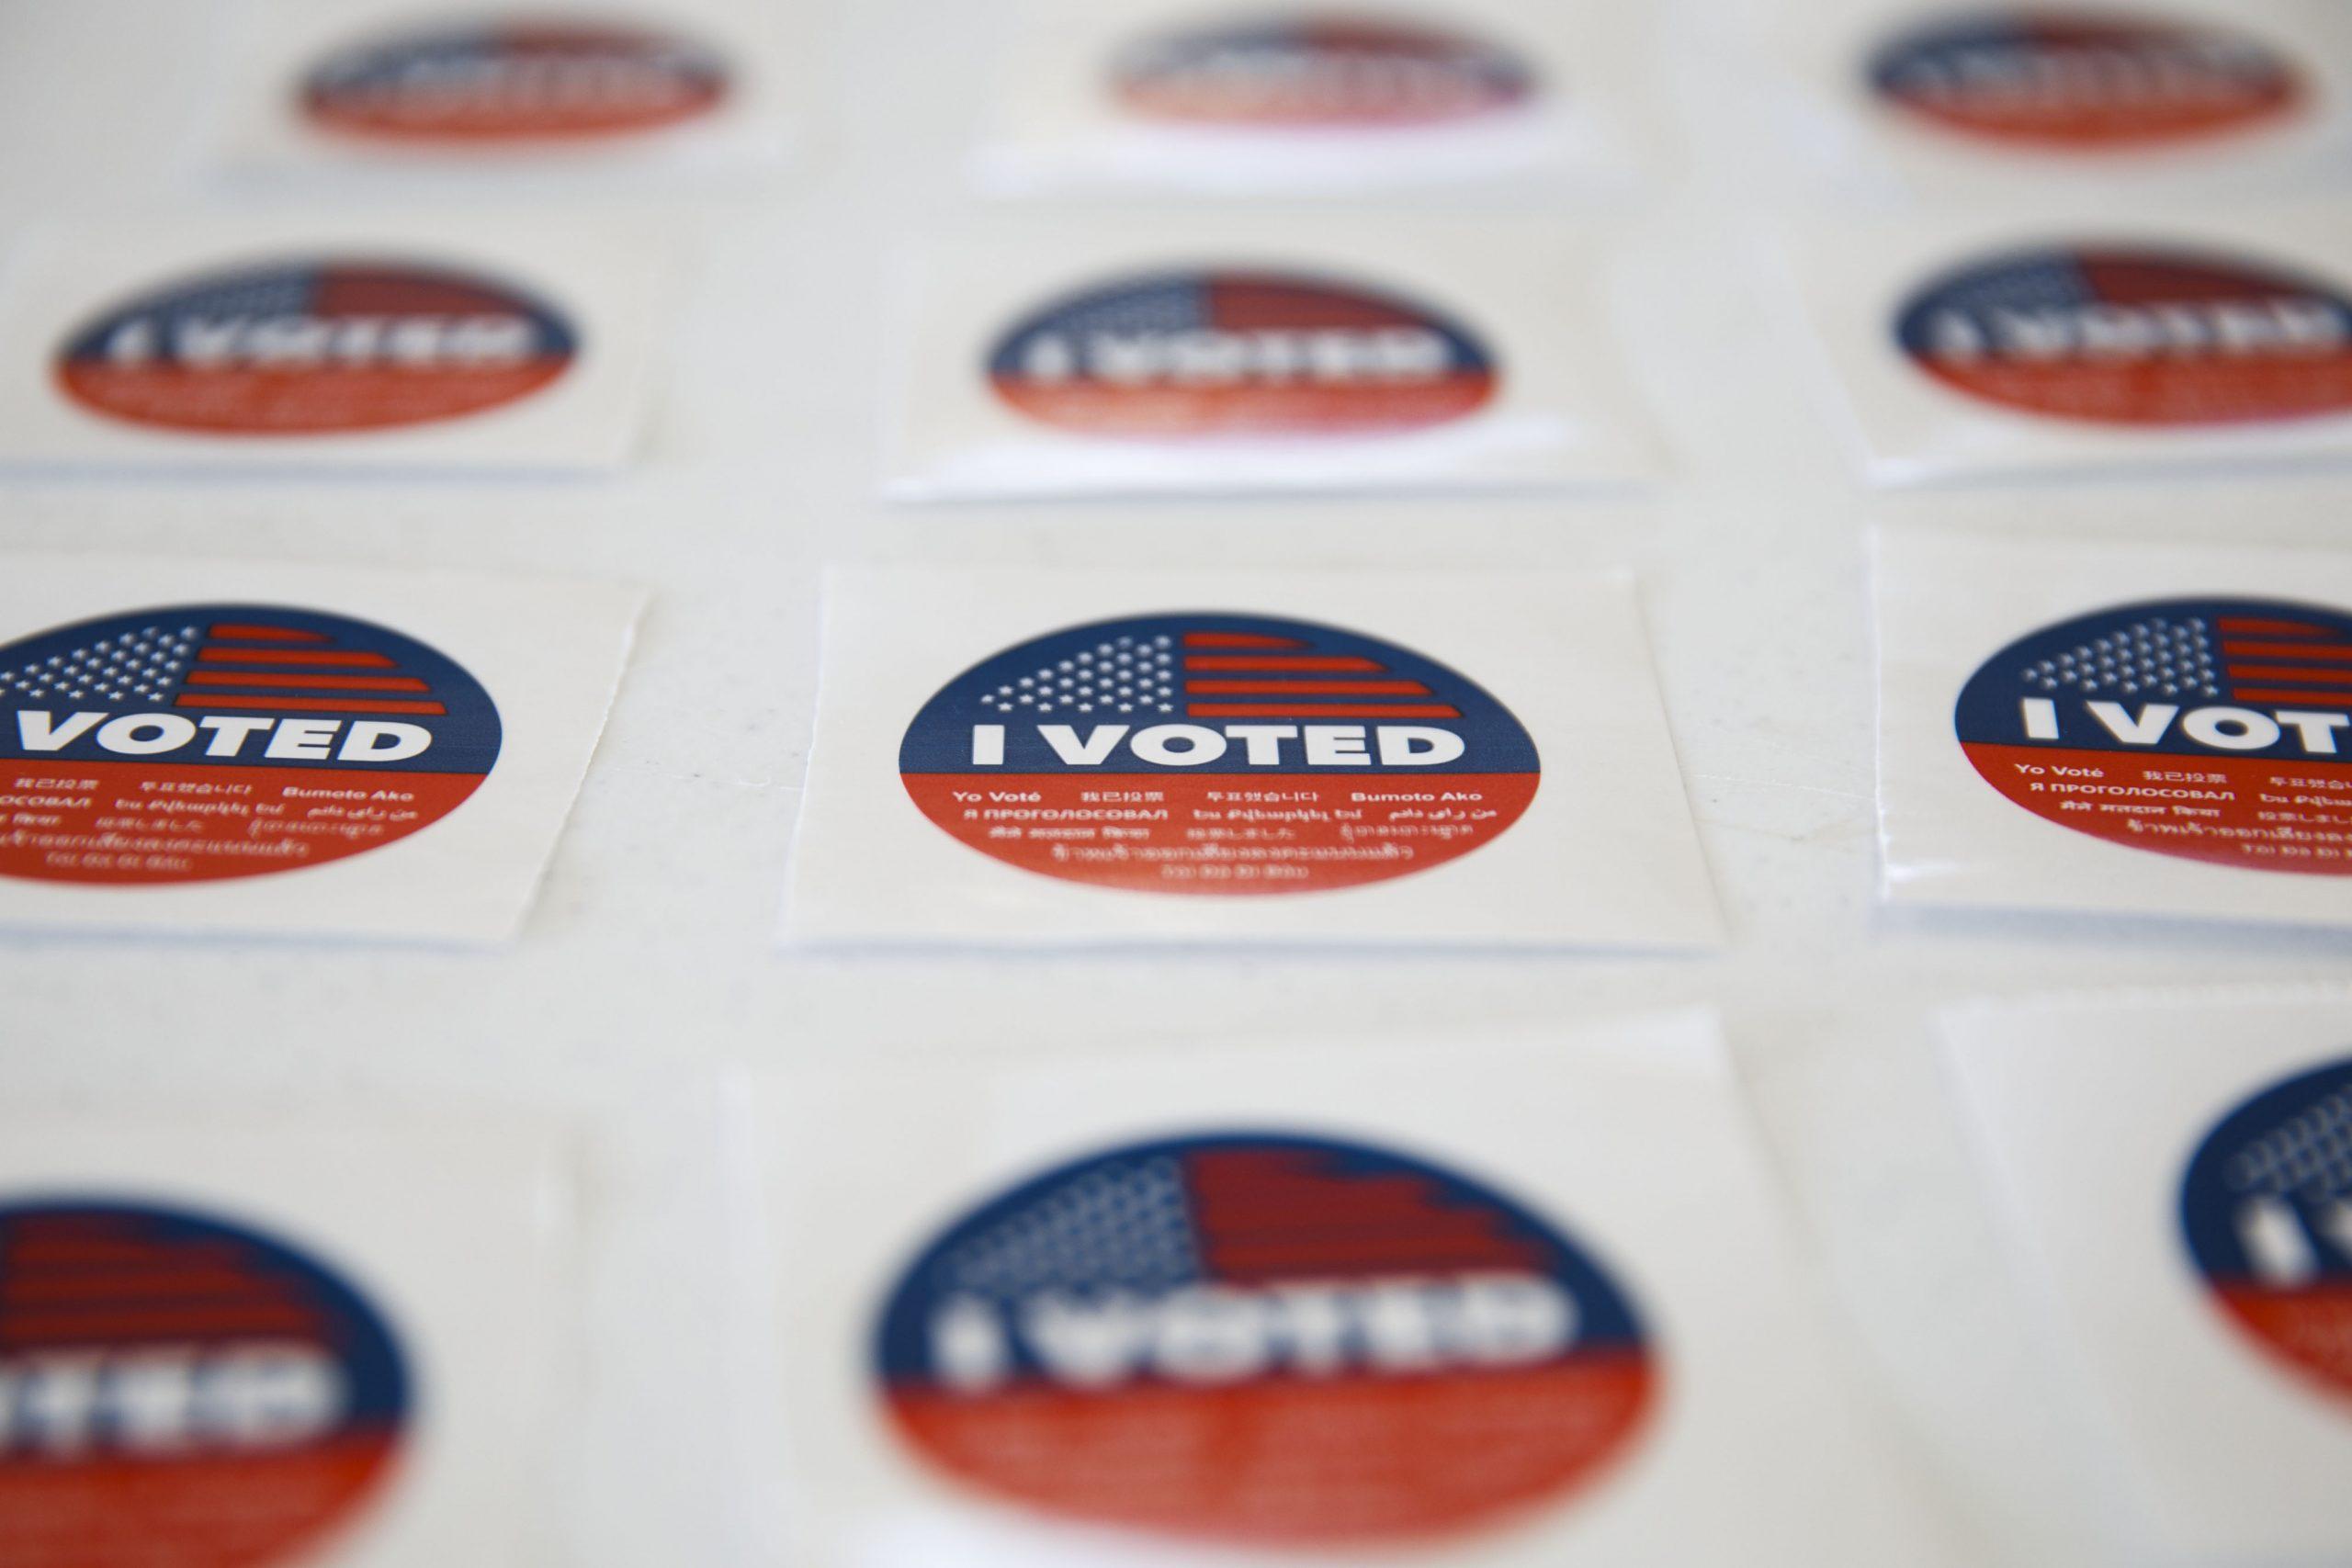 The 2020 US Election: Biden Close, but Blue Wave Fizzles | Economics Global